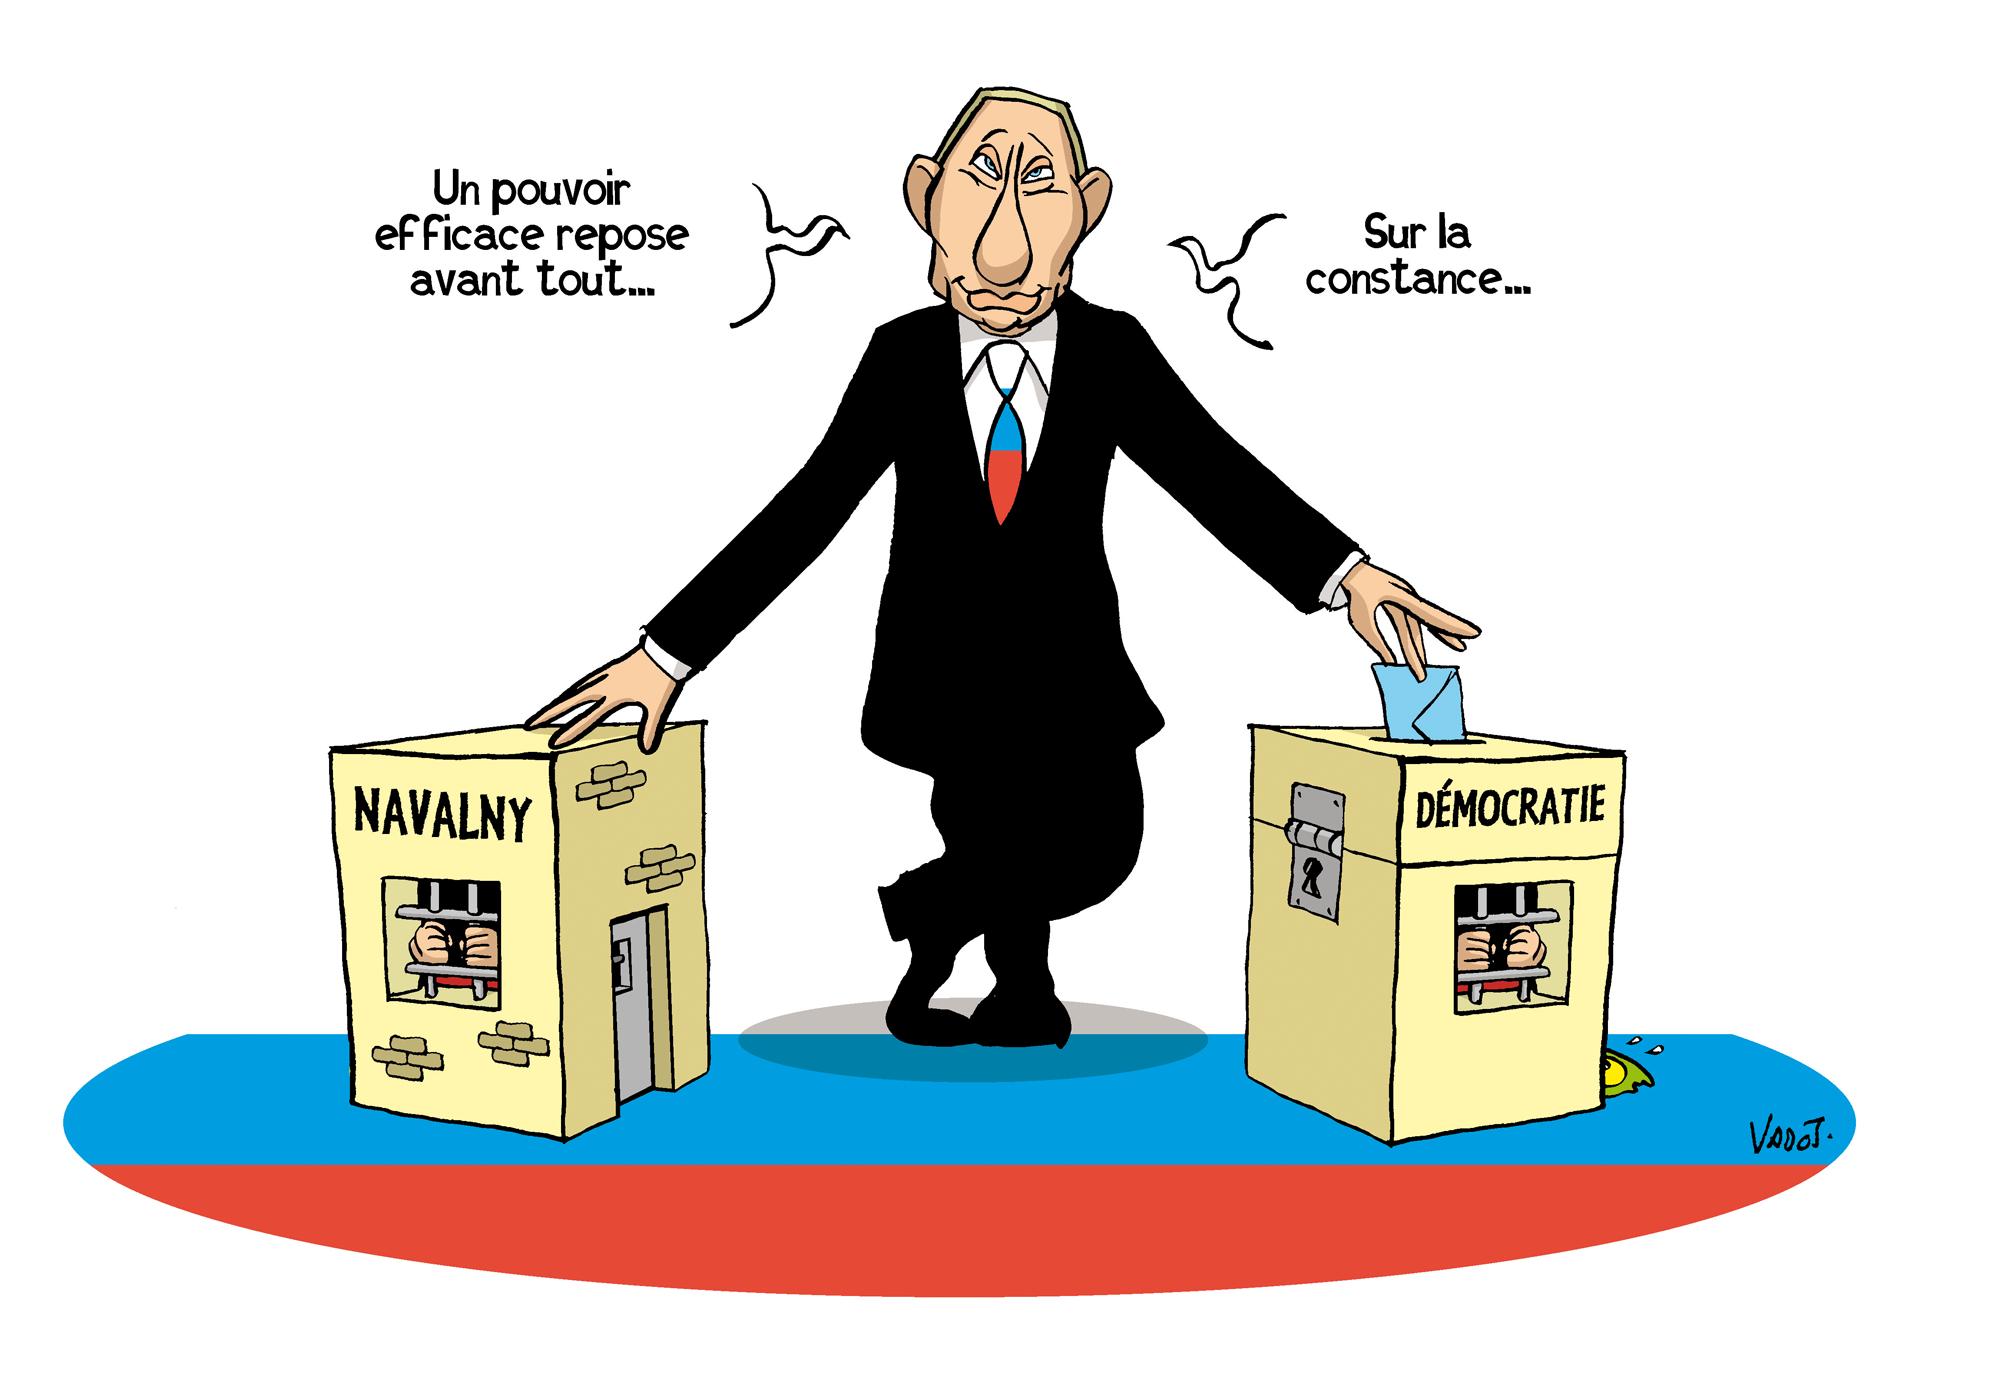 Le parti de Poutine remporte les élections législatives, en ayant muselé toute opposition., Vadot